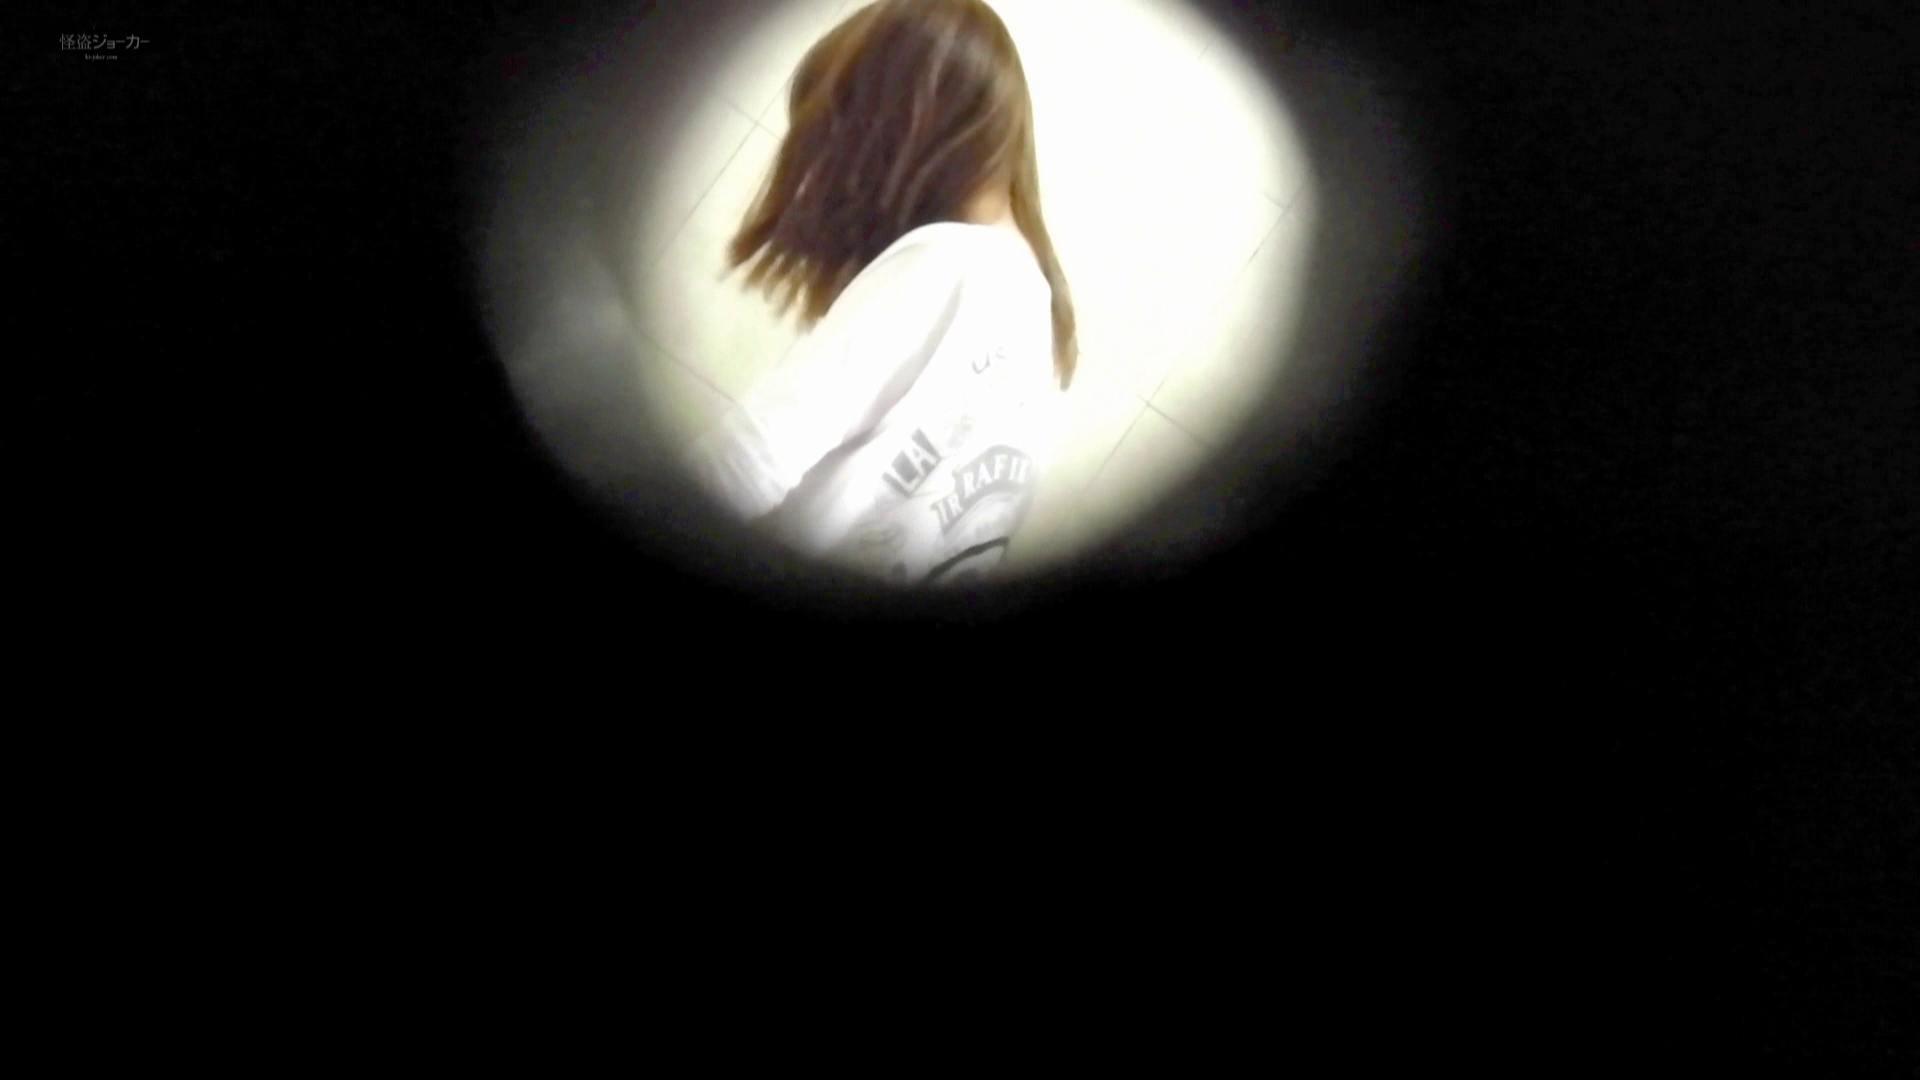 ステーション編 vol.27 穴から見えるは美女ばかり! 美女  43pic 12